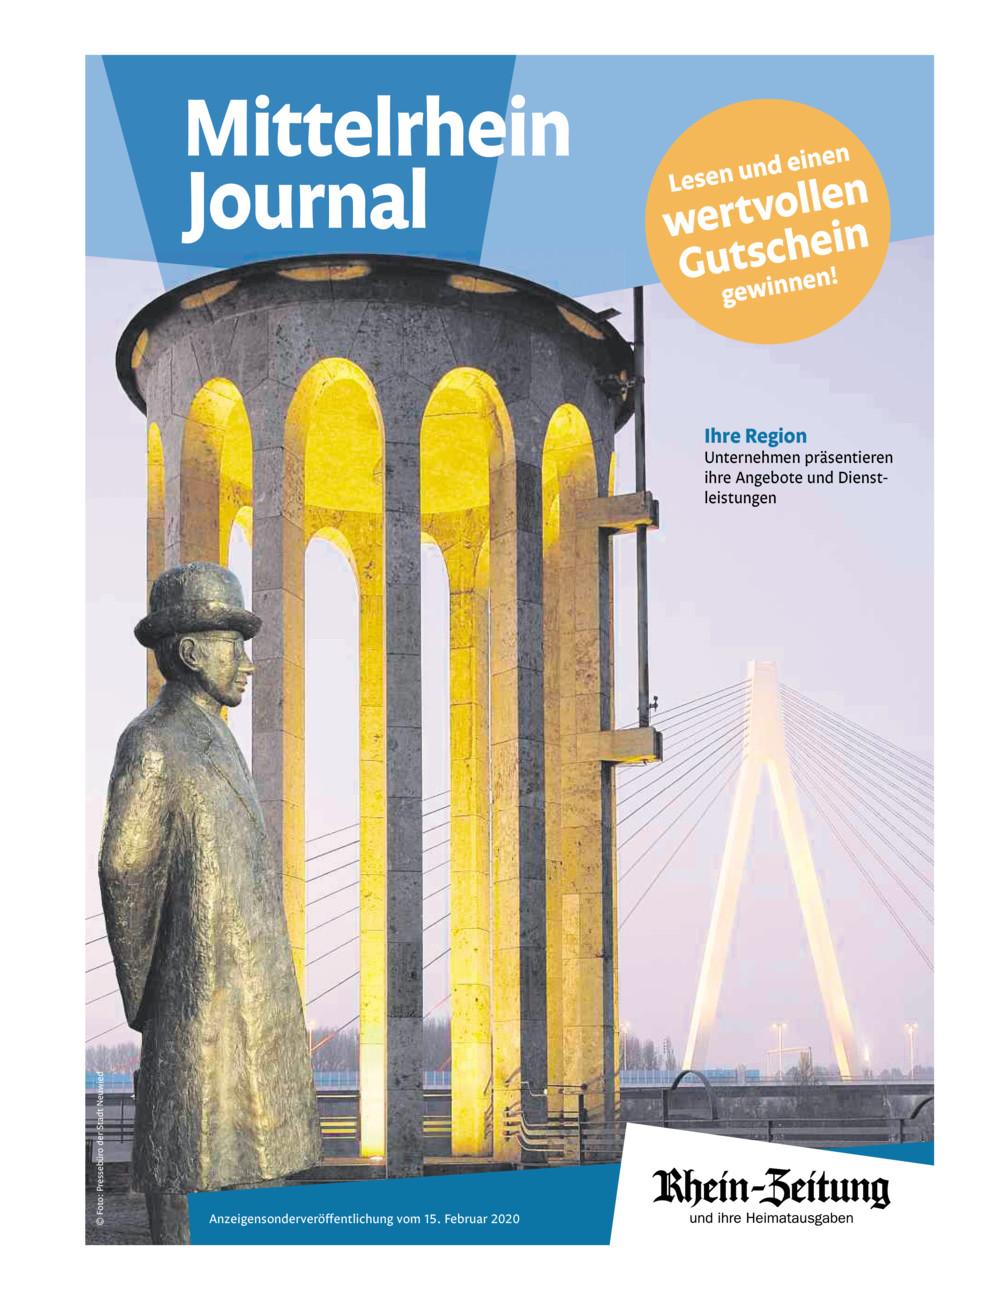 Mittelrhein-Journal